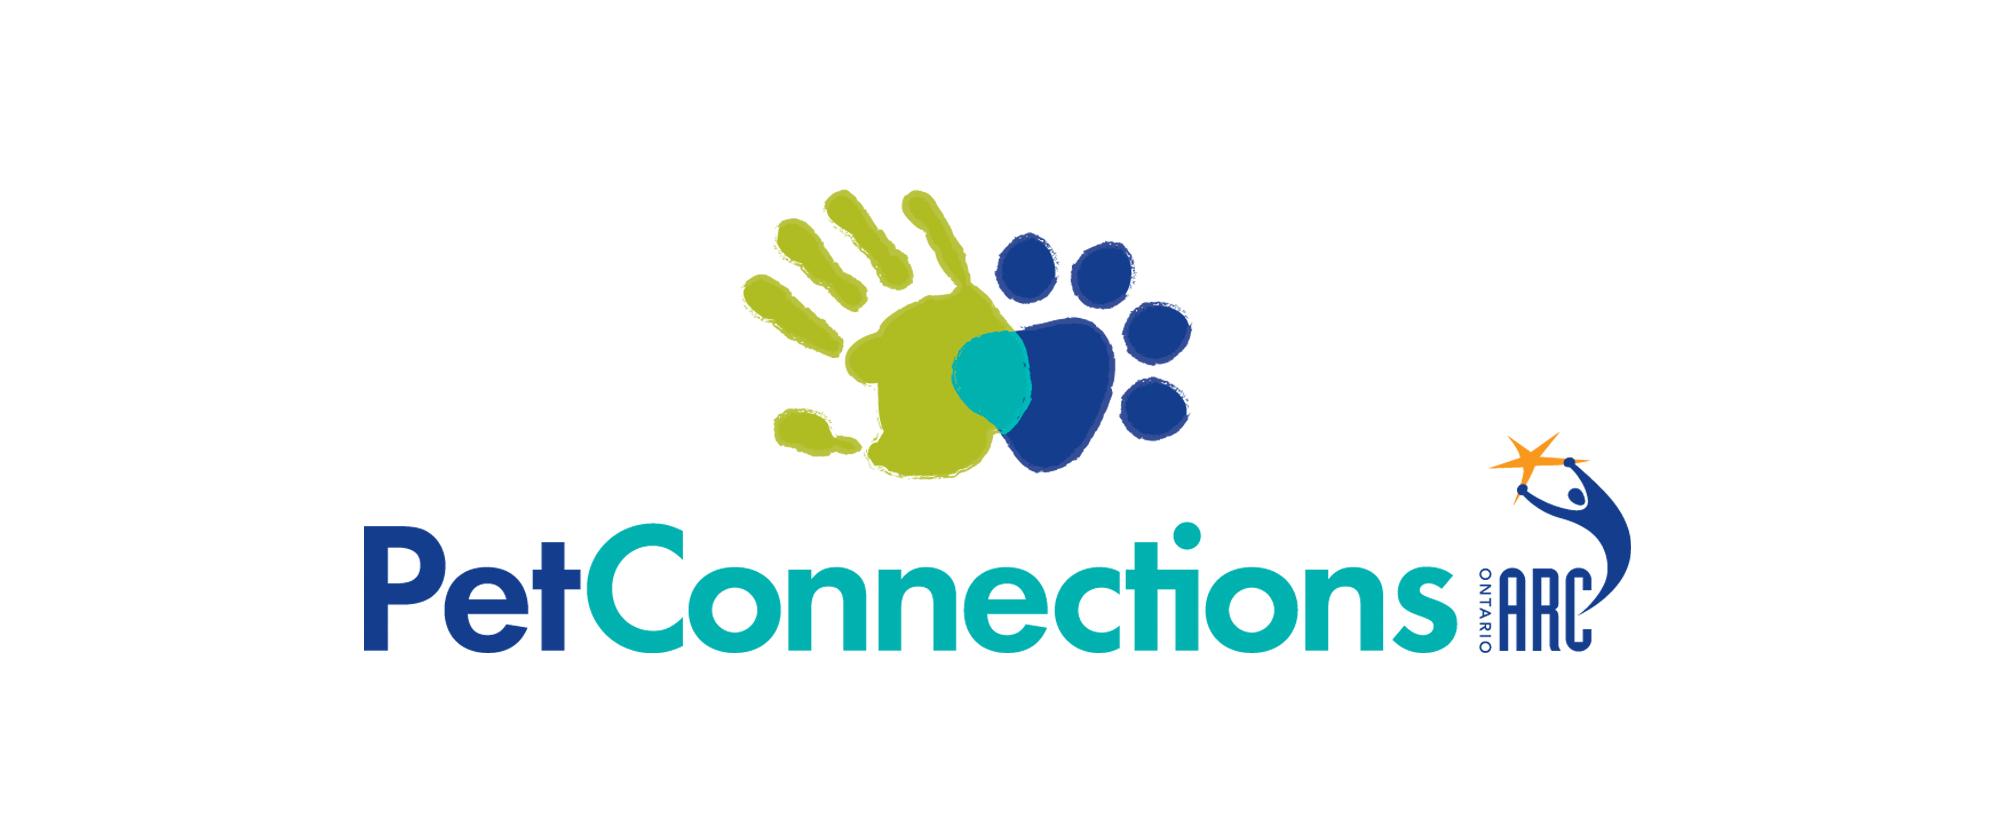 Pet Connections OARC Logo